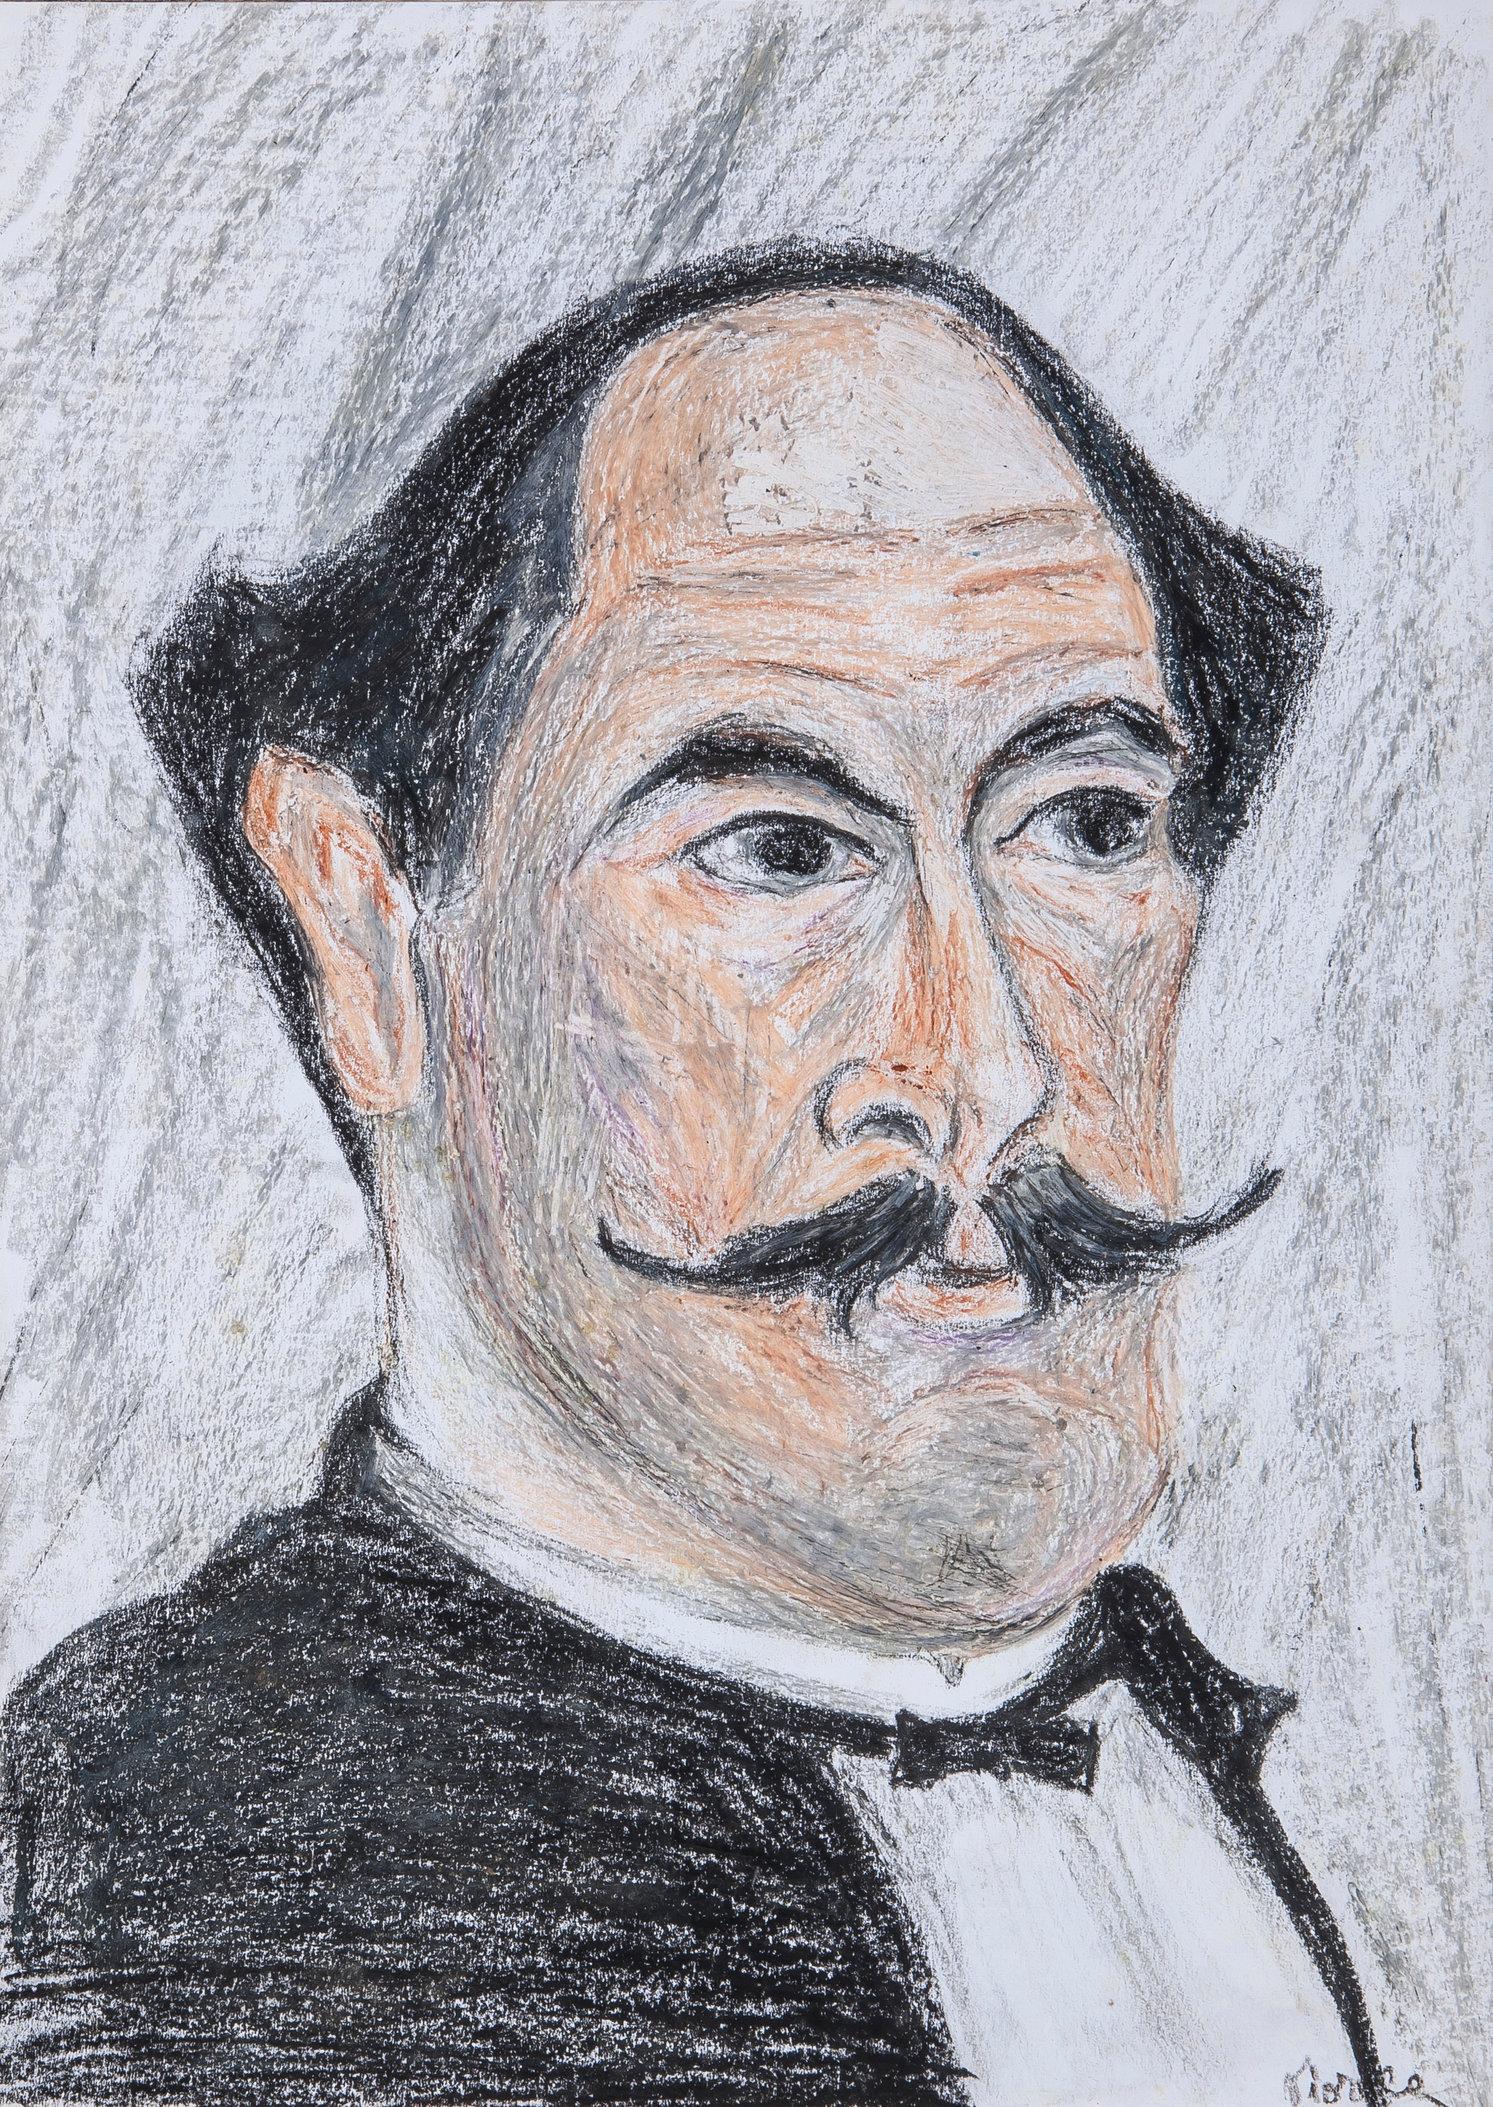 Rousseau Le Douanier's Self Portrait (Study)